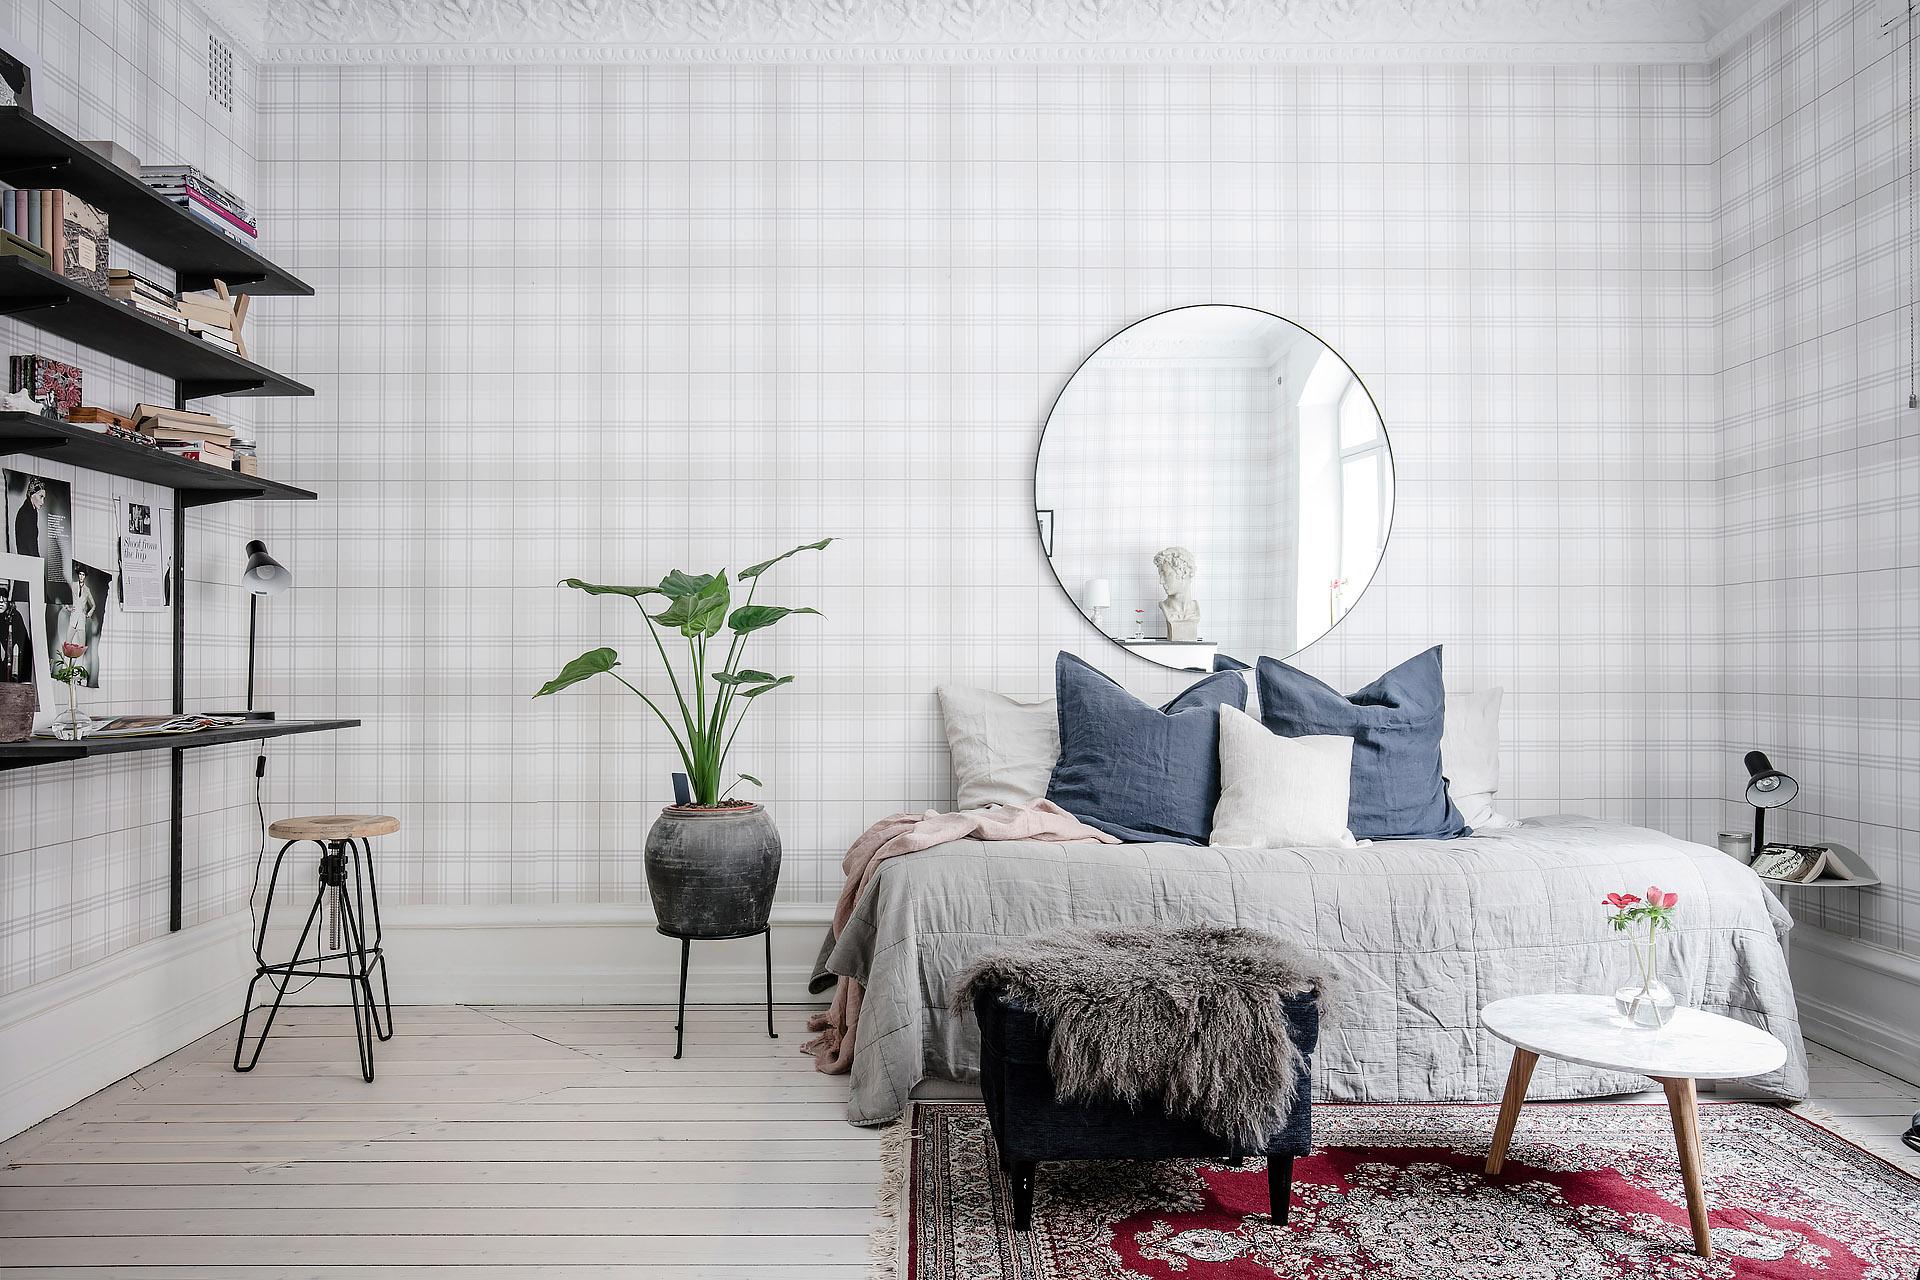 woonkamer-eenkamerappartement-is-super-mooi-en-praktisch-ingericht-2